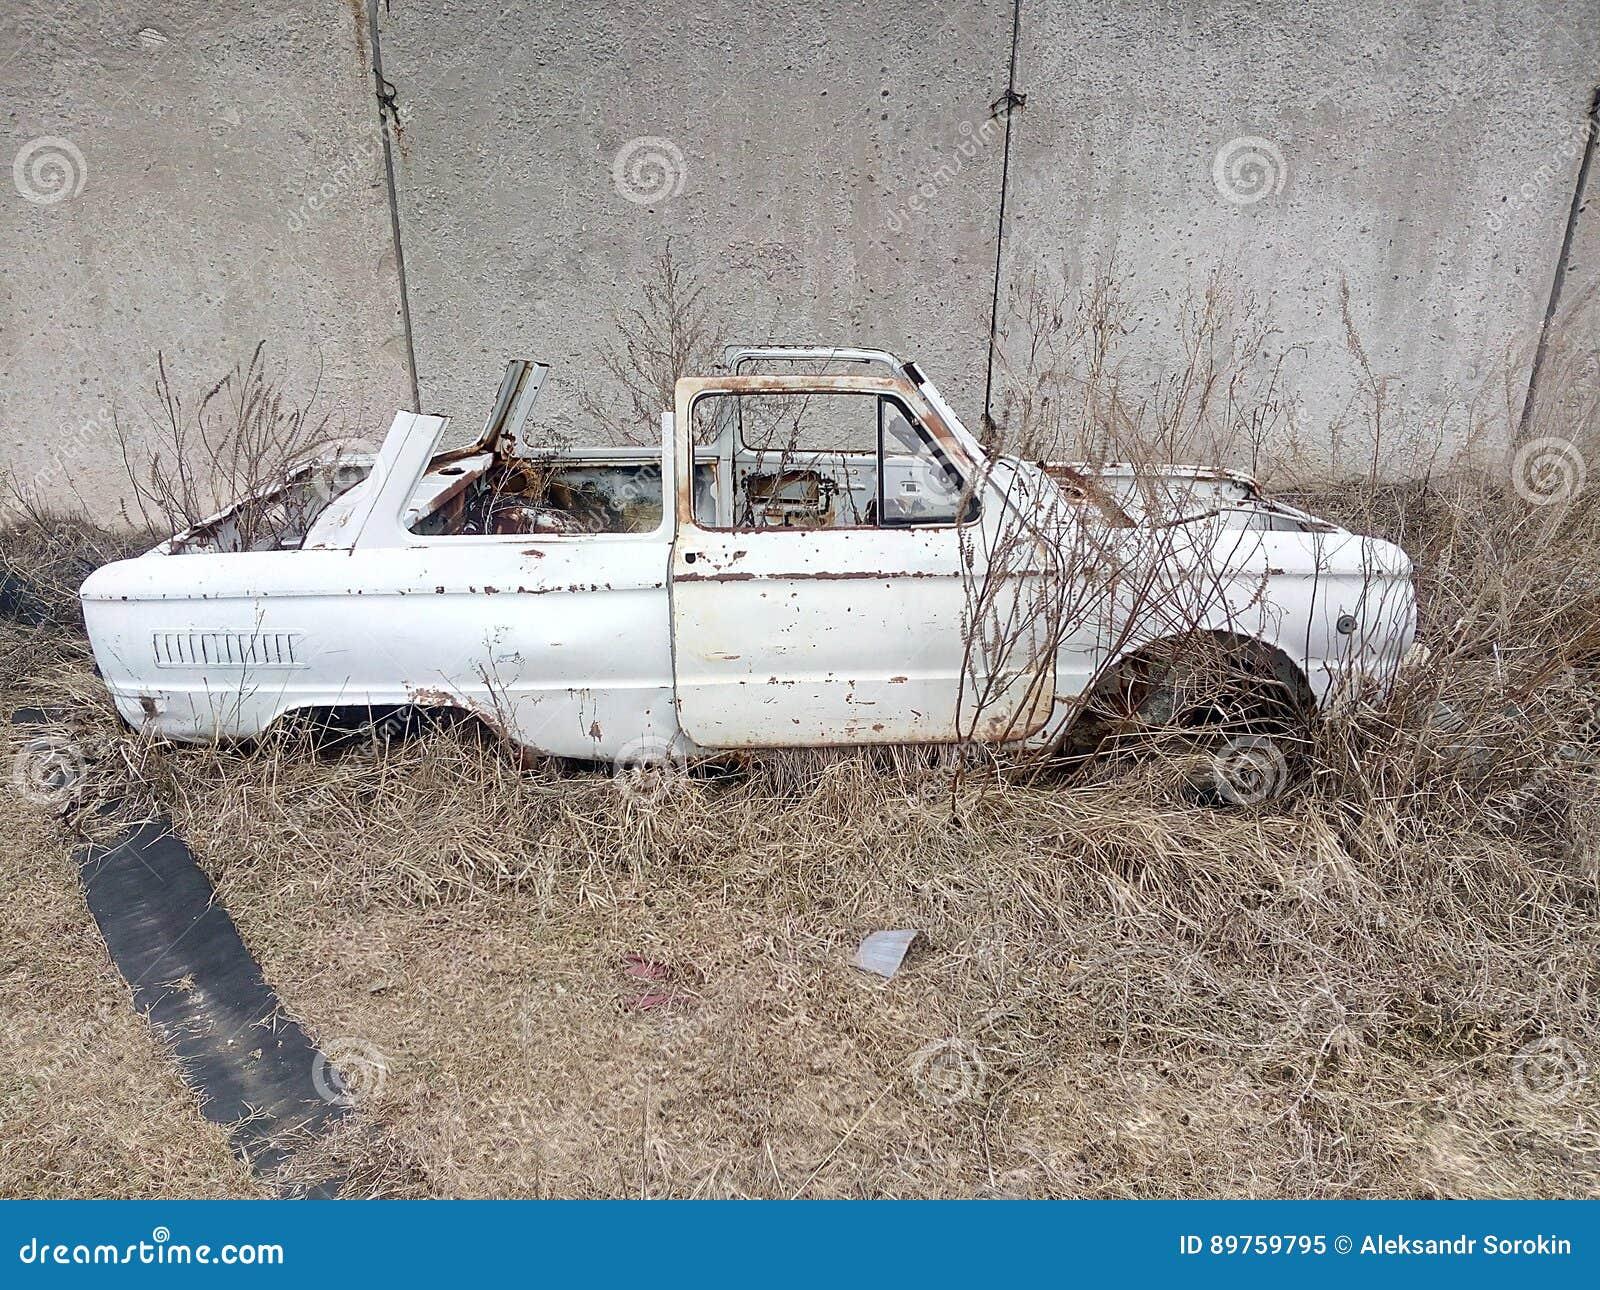 Старый автомобиль, ржавое тело, тело автомобиля без крыши, автомобиль a в сухой траве, бывшем переходе, ржавой части утюга, бывше